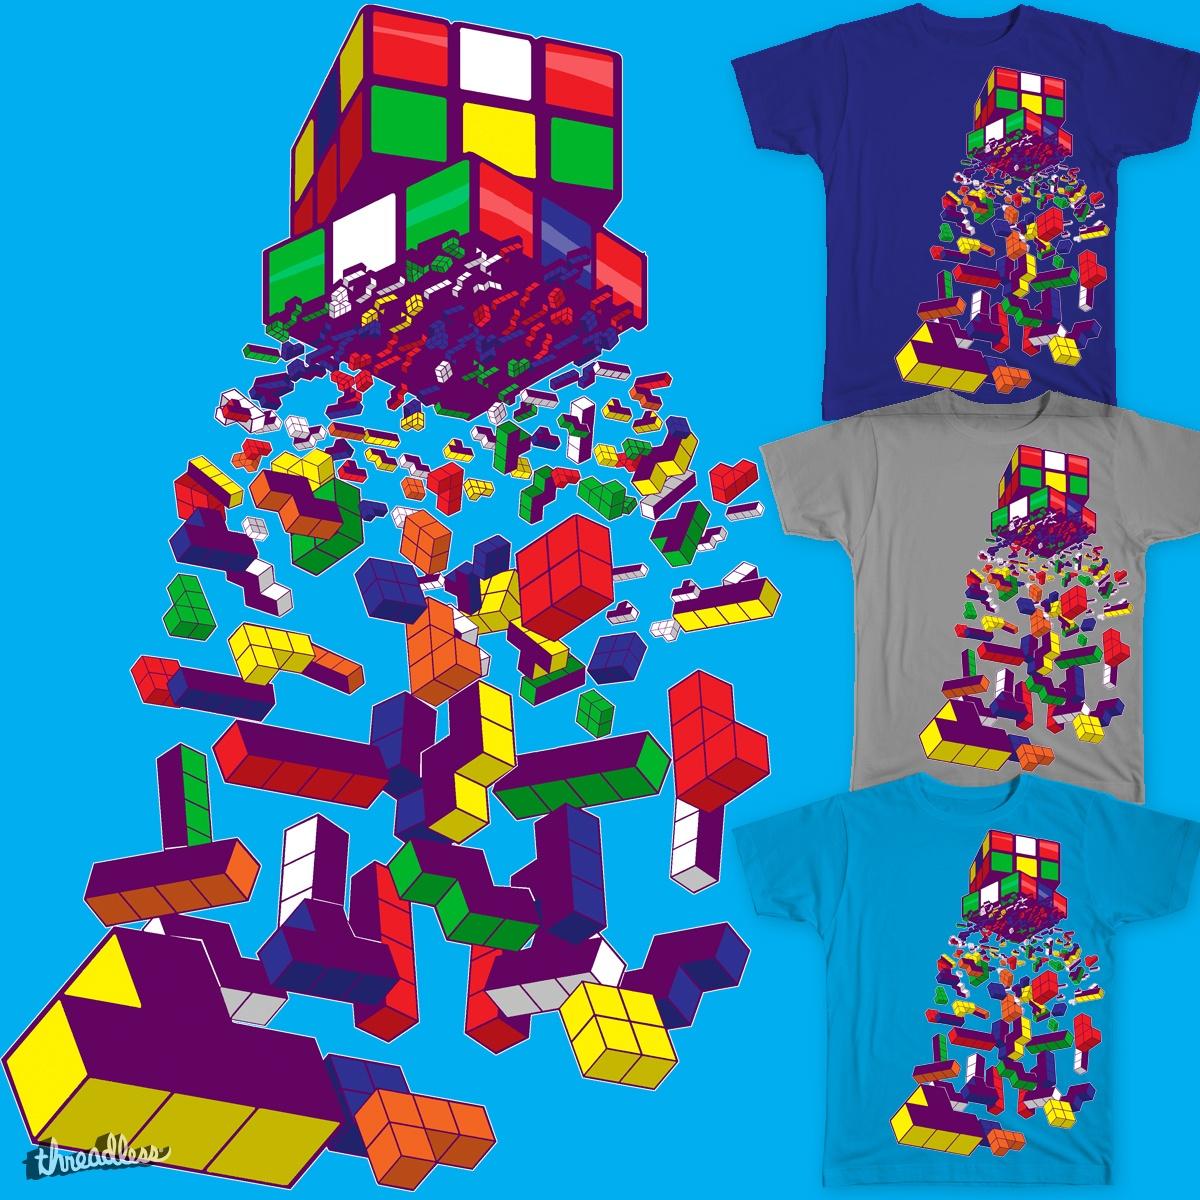 The God Cube by SaltySteveD on Threadless